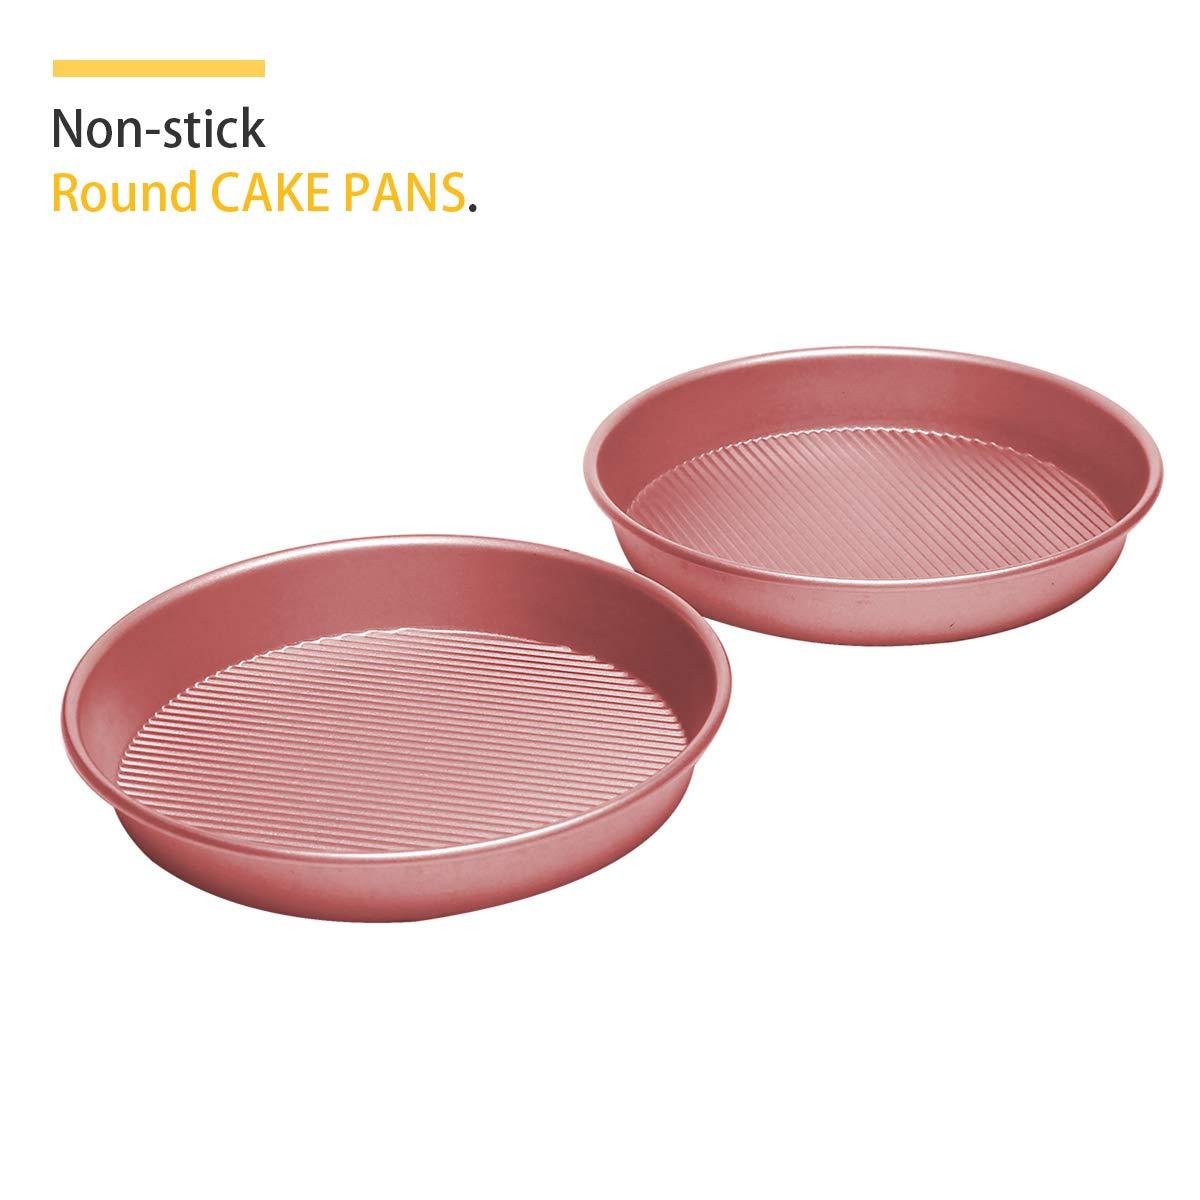 Bakeware Set, TOPTIER 6 Piece Nonstick Baking Pan Sets with Cookie Baking Sheets, Muffin Pan, Loaf Pan, Round Cake Pan, Roasting Pan for Baking | Prime Housewarming & Wedding Gift, Rose Gold by toptier (Image #2)